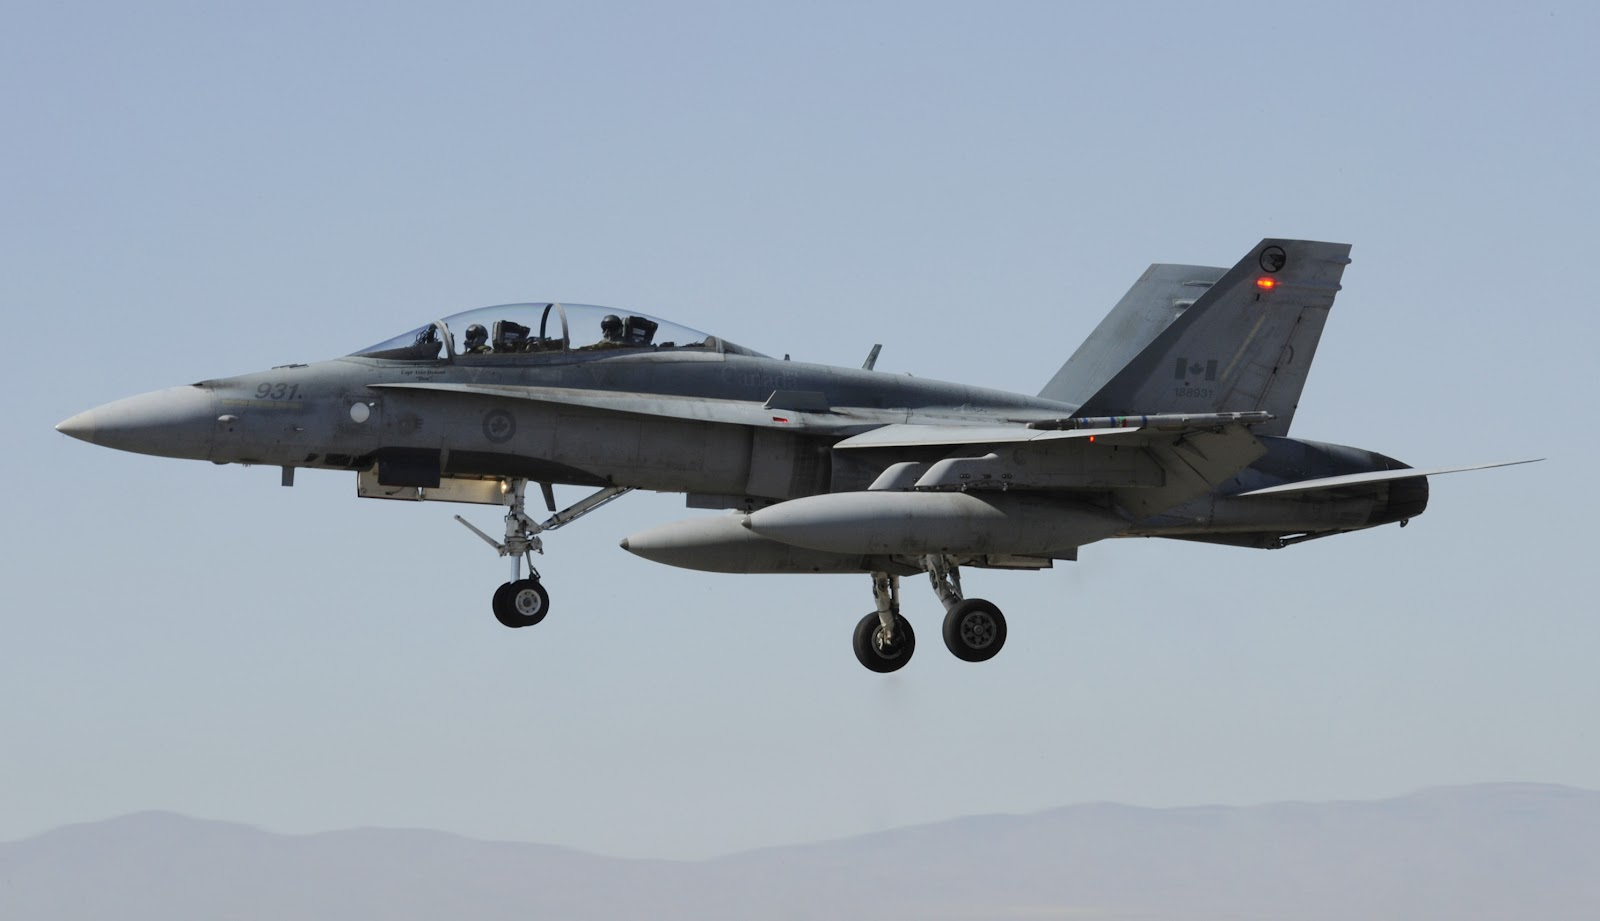 Douglas F18 Hornet Canadian Air Force Aircraft Wallpaper 2736 1600x921